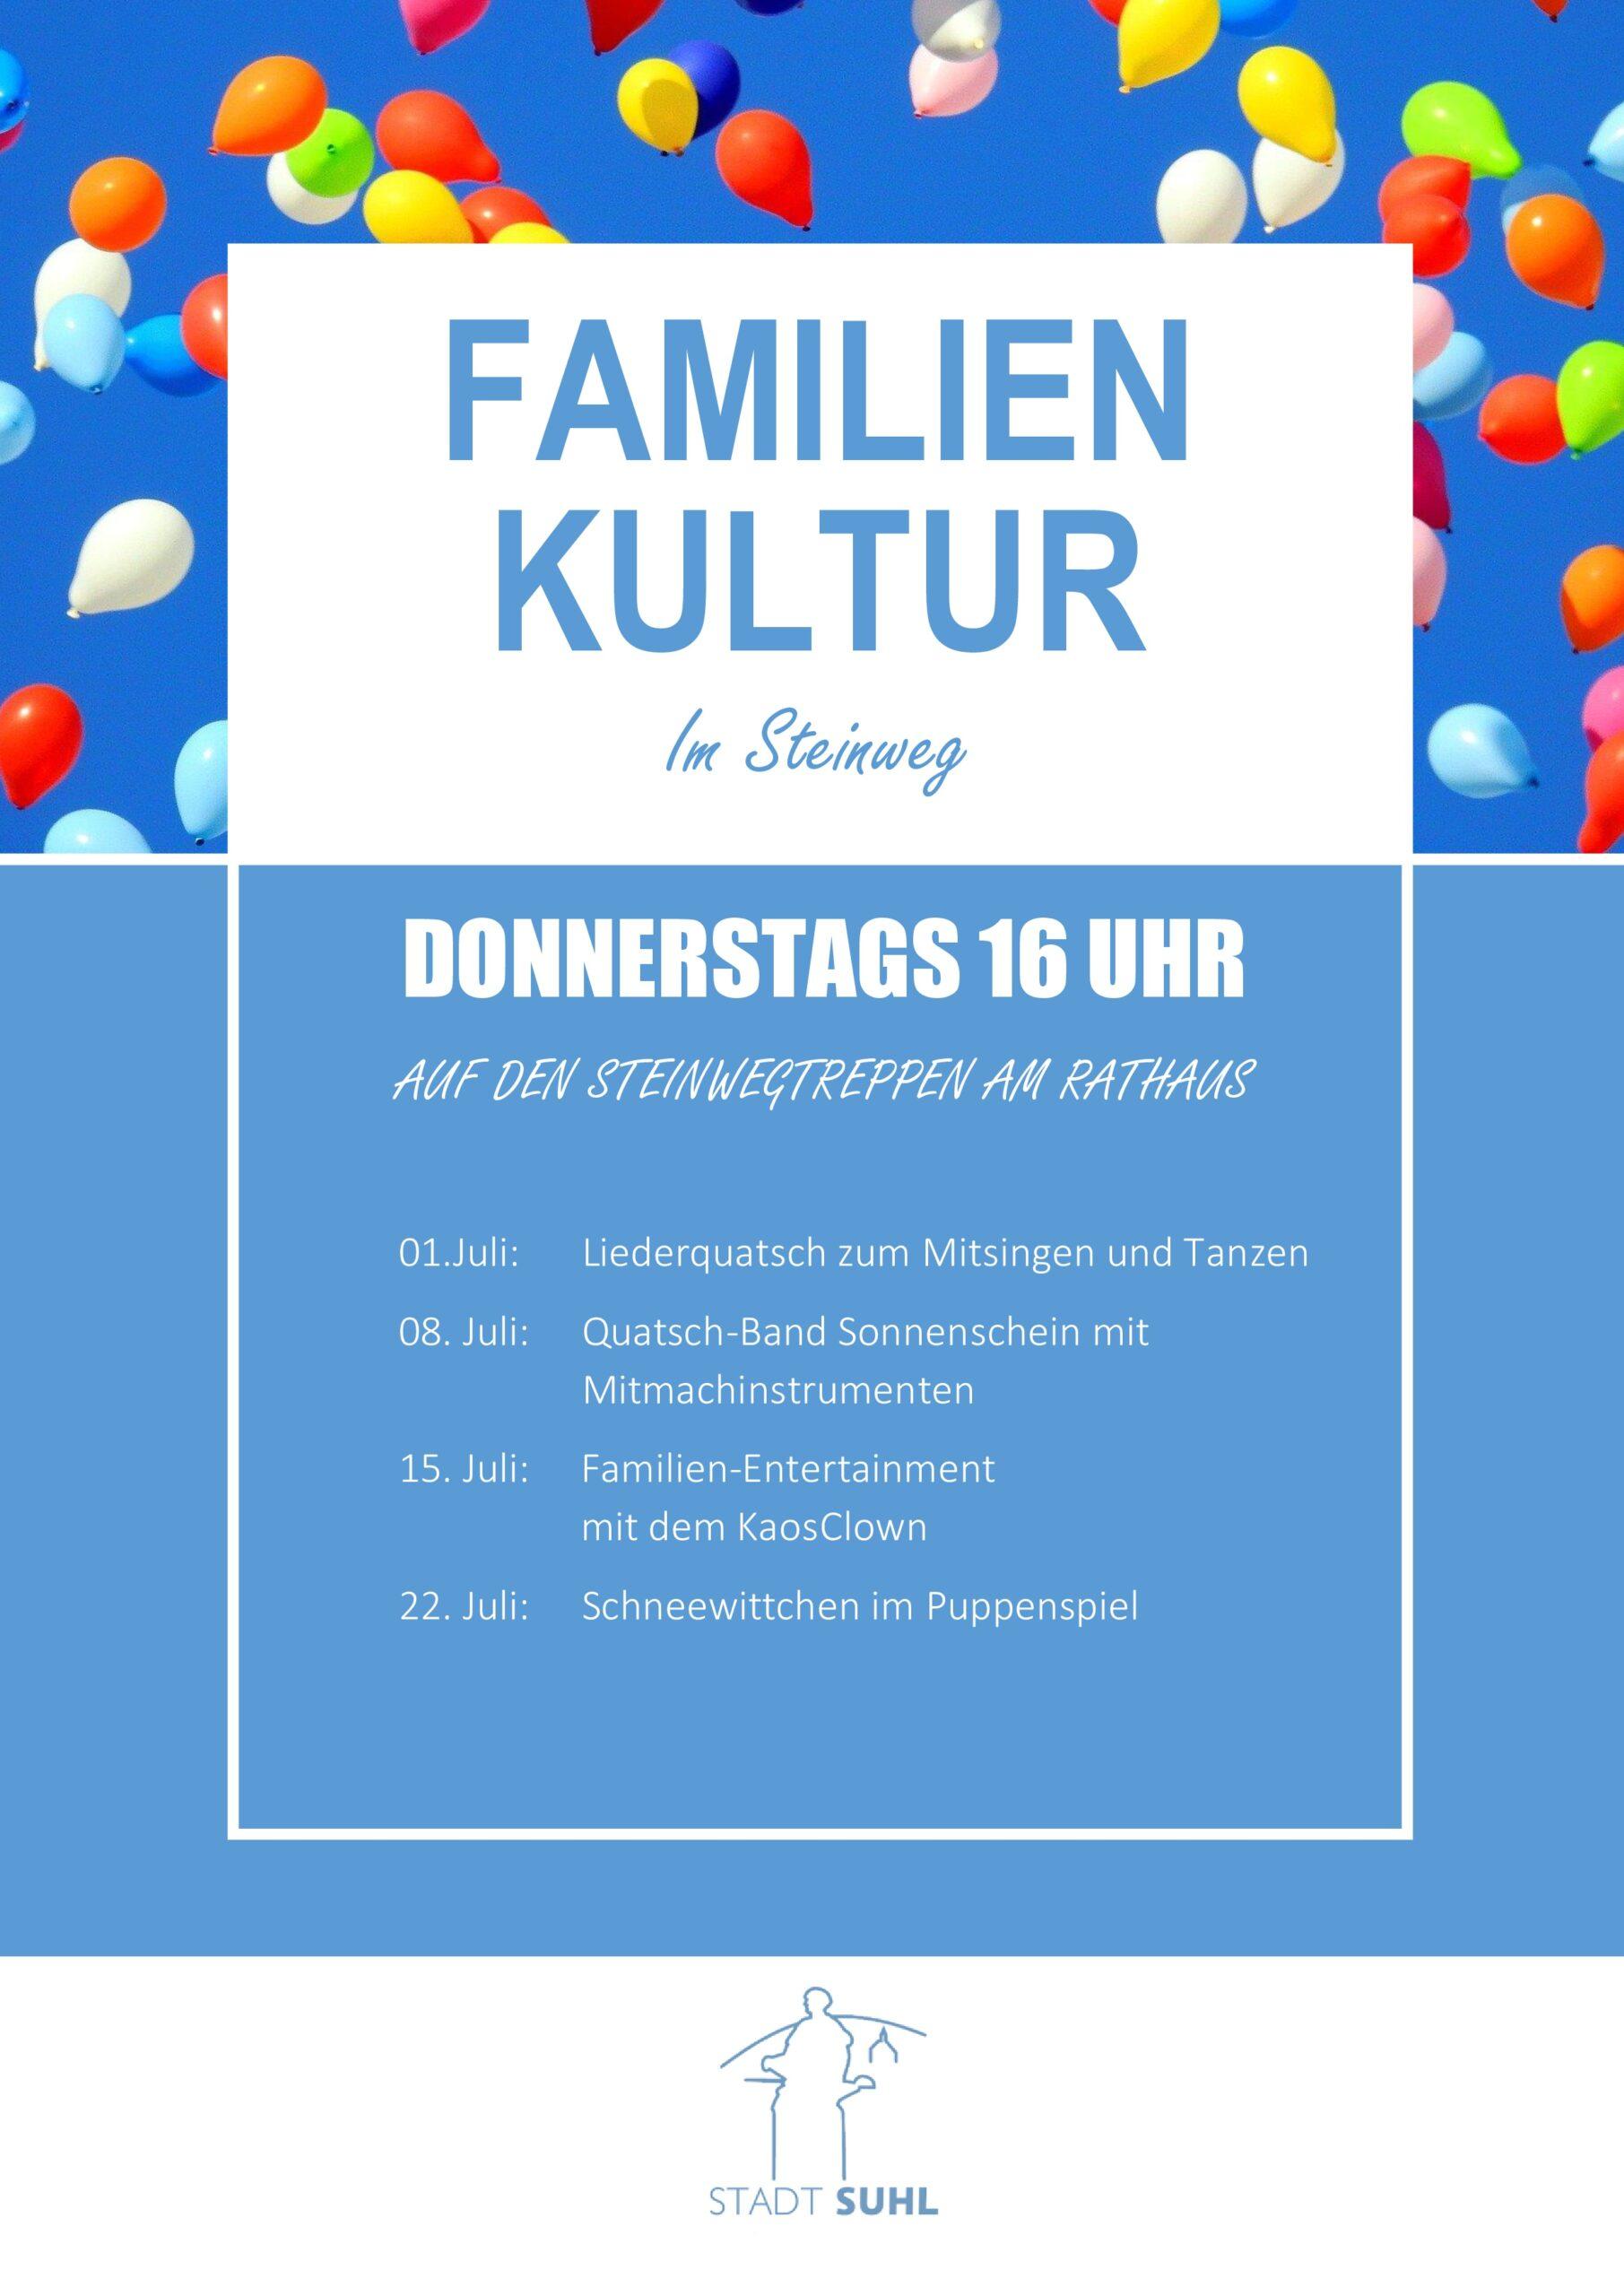 Familienkultur Steinweg